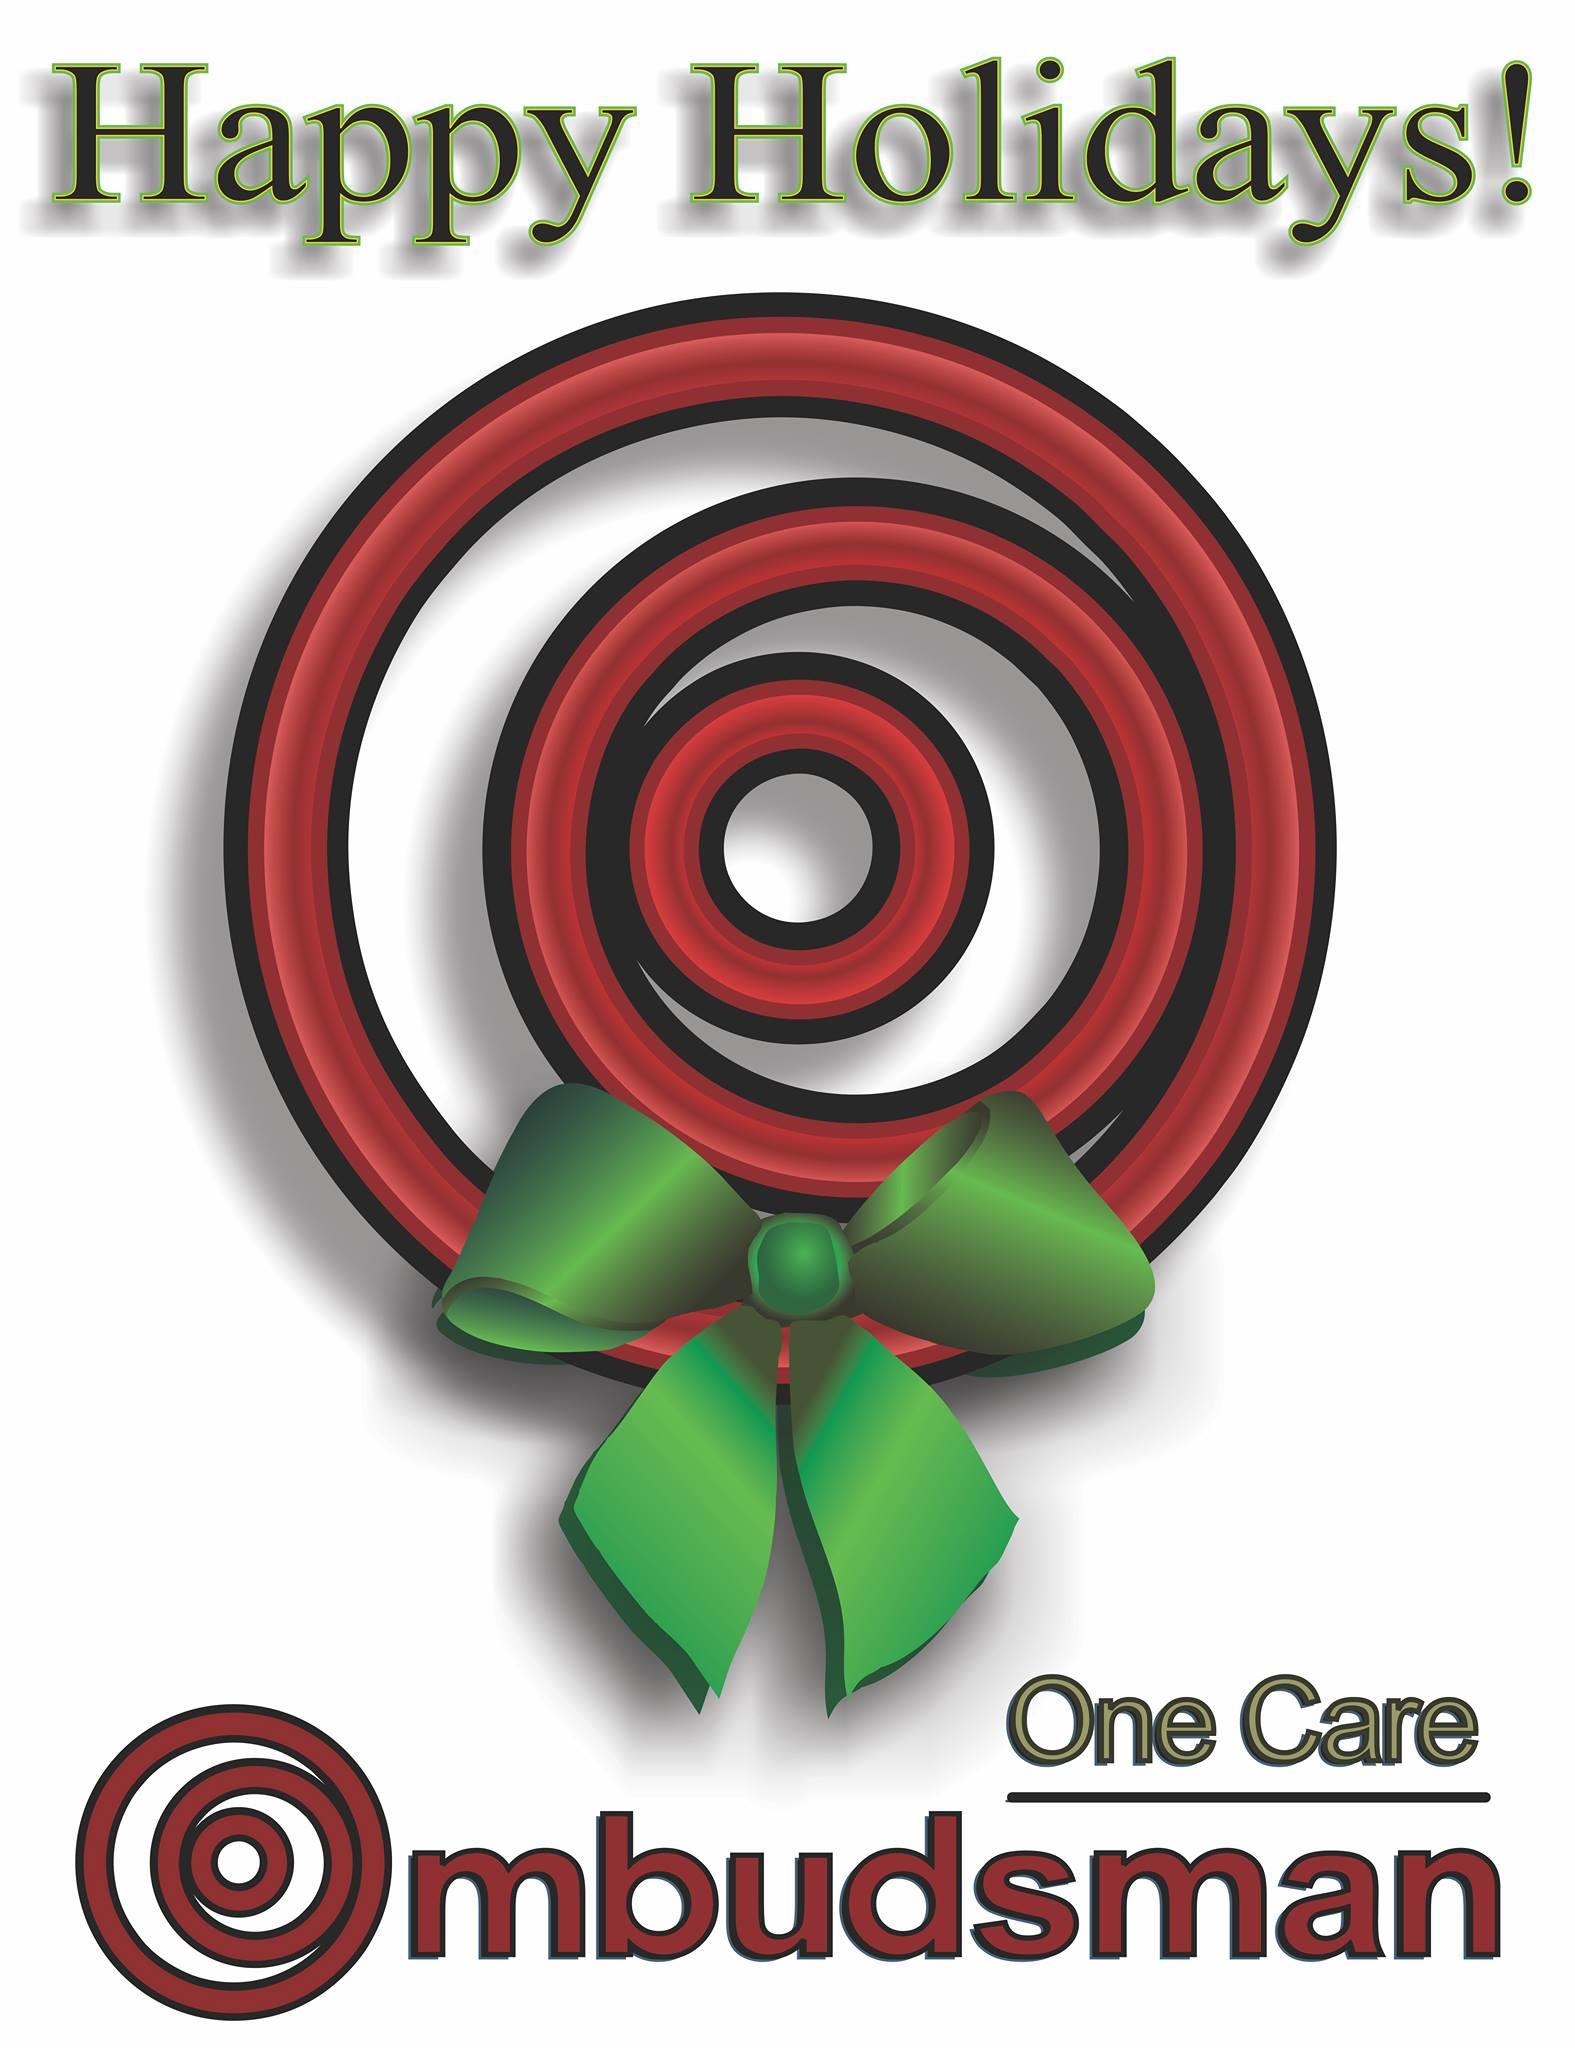 Happy Holidays from OCO